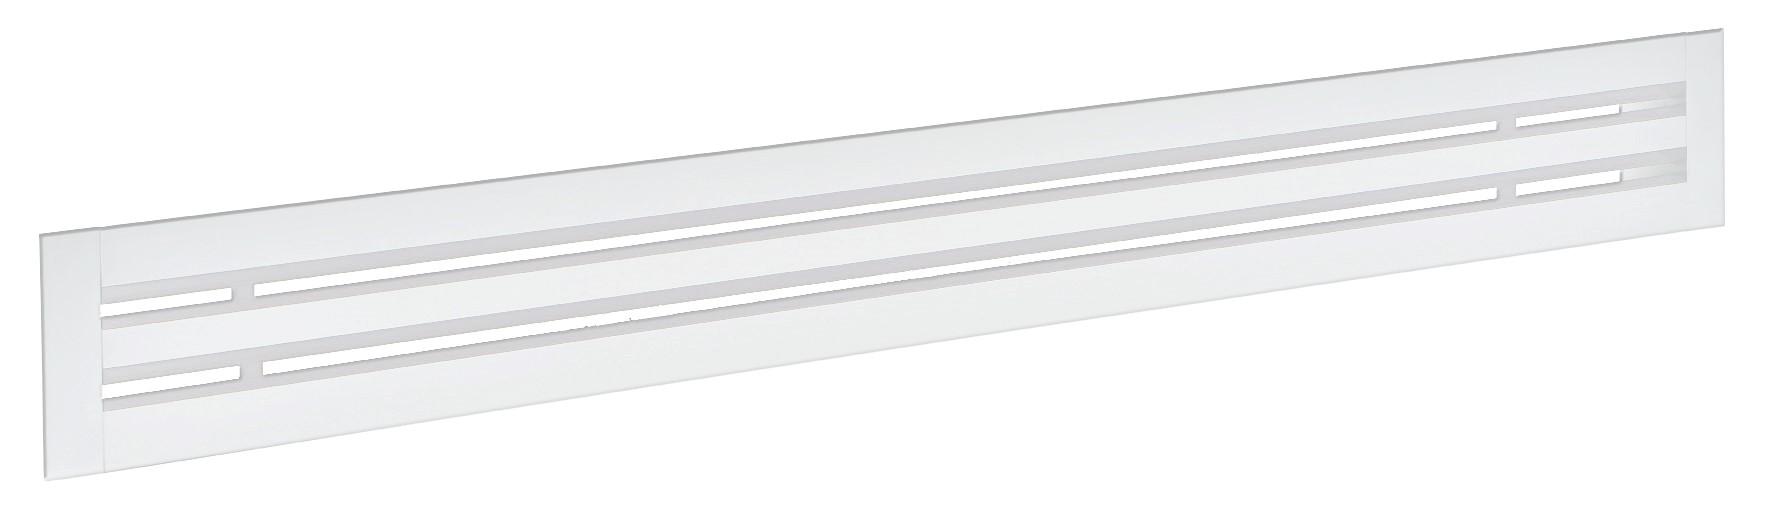 Diffusore lineare a feritoie Ral 9010 modello DLF20 deflettori Ral 9010 1 feritoia L=2000 mm